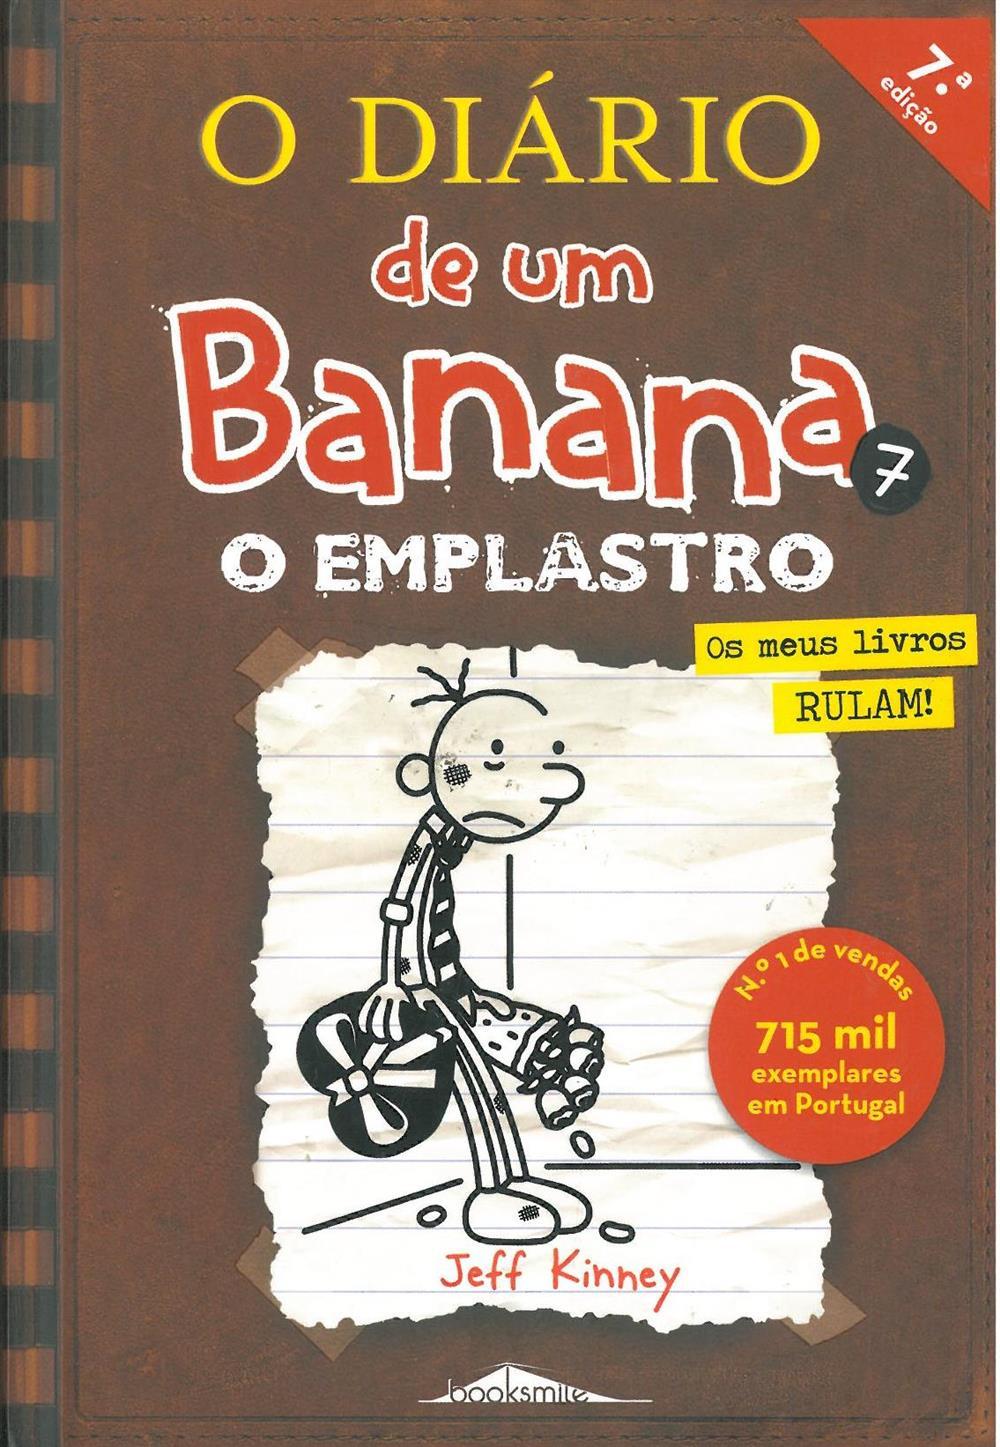 O diário de um banana 7_.jpg